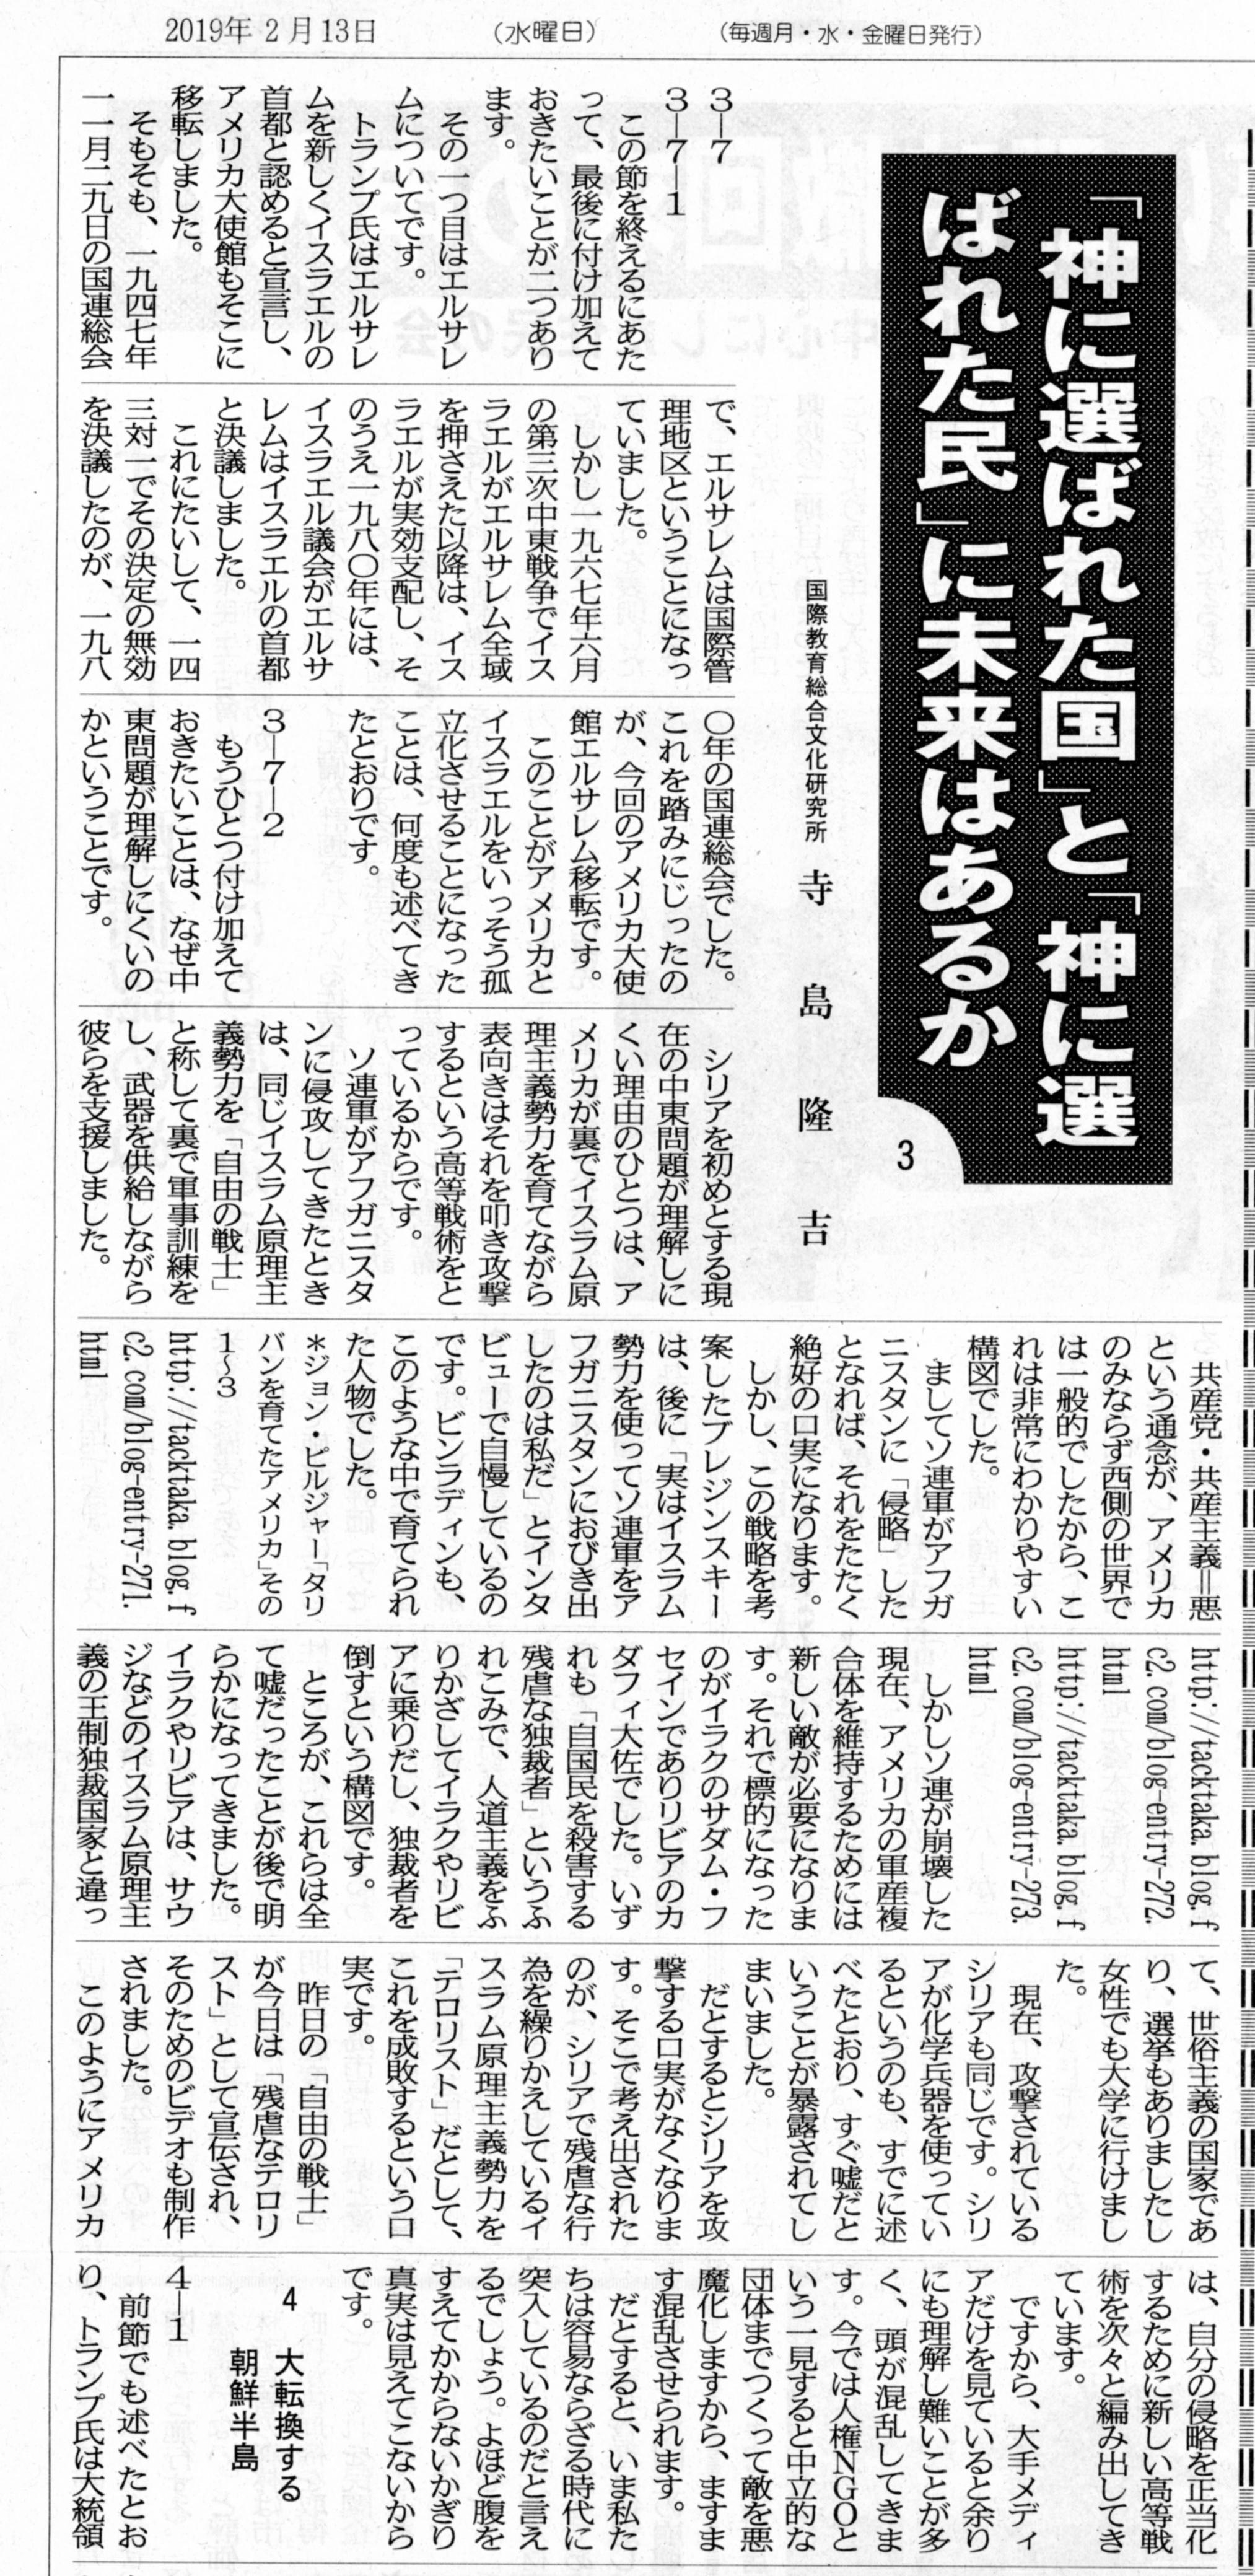 長州新聞20190210神に選ばれた国と神に選ばれた民に未来はあるか③214